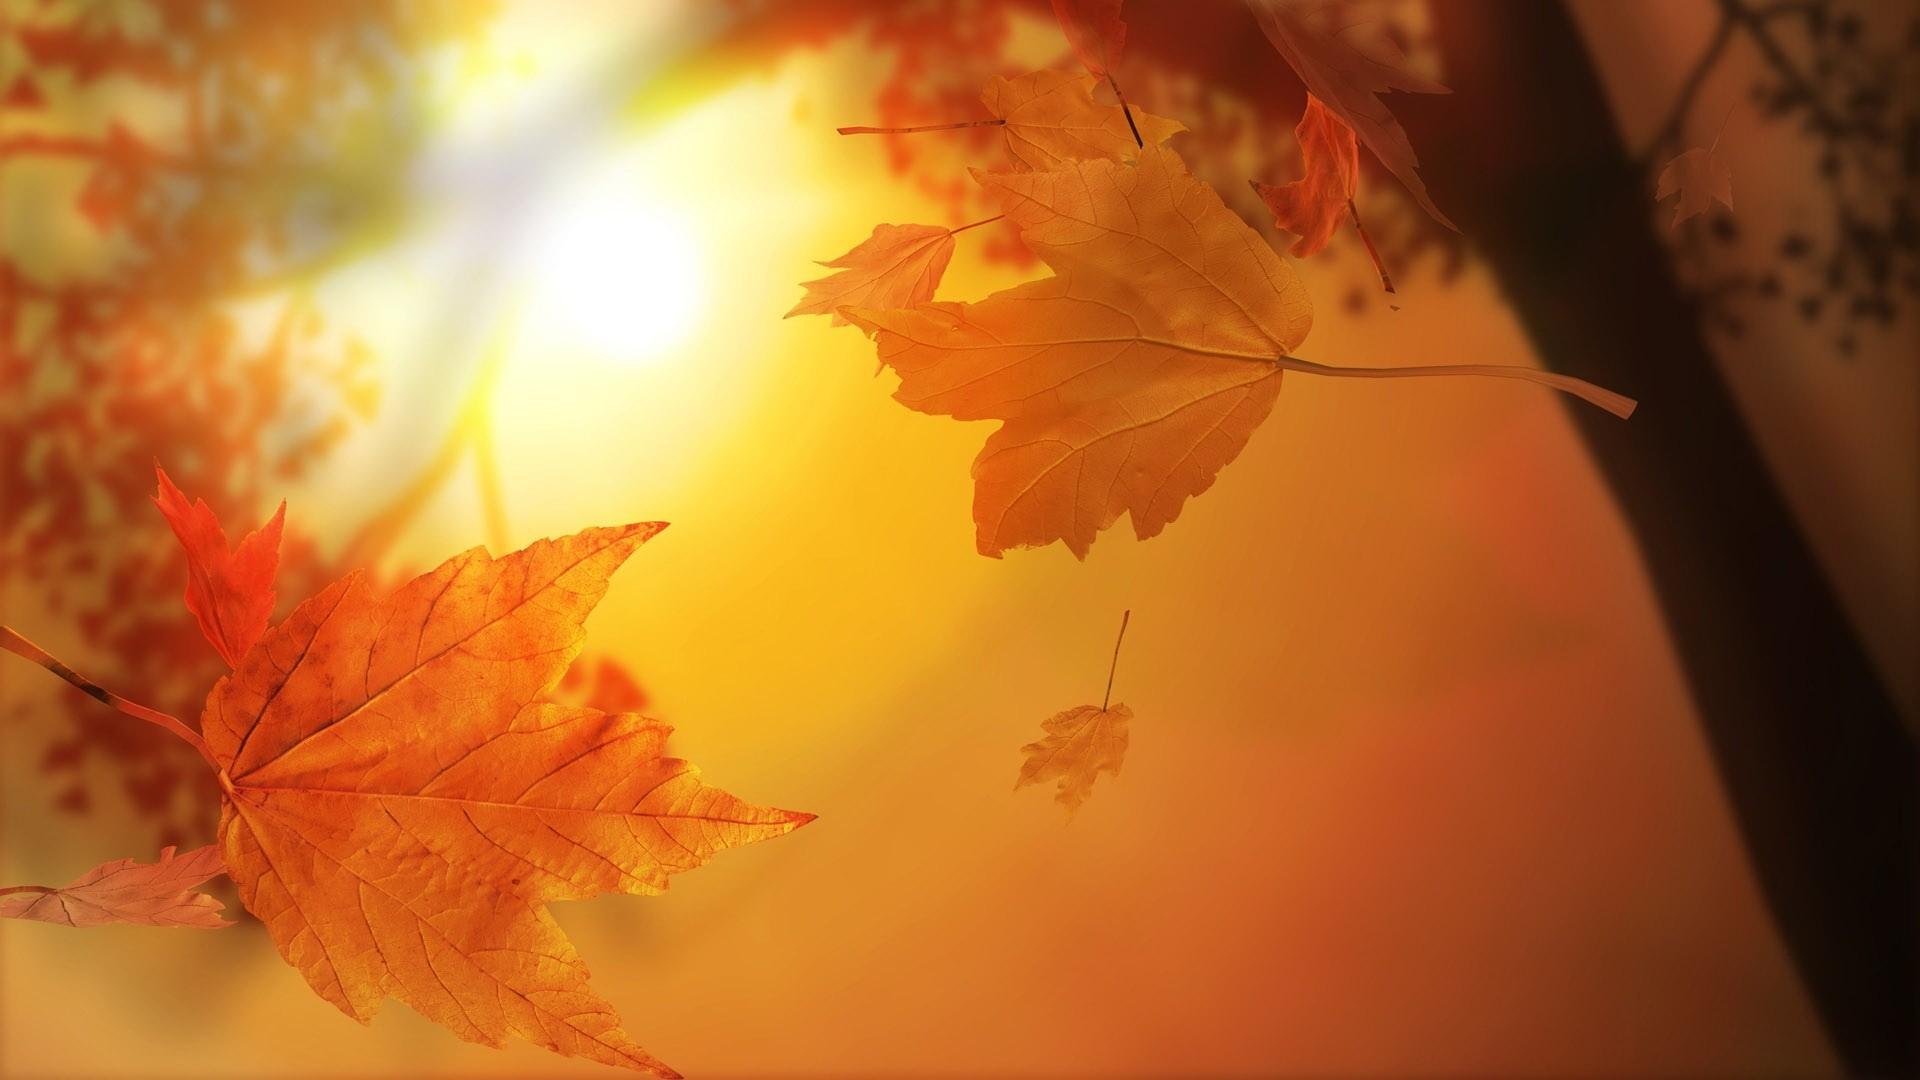 autumn wallpaper desktop hd